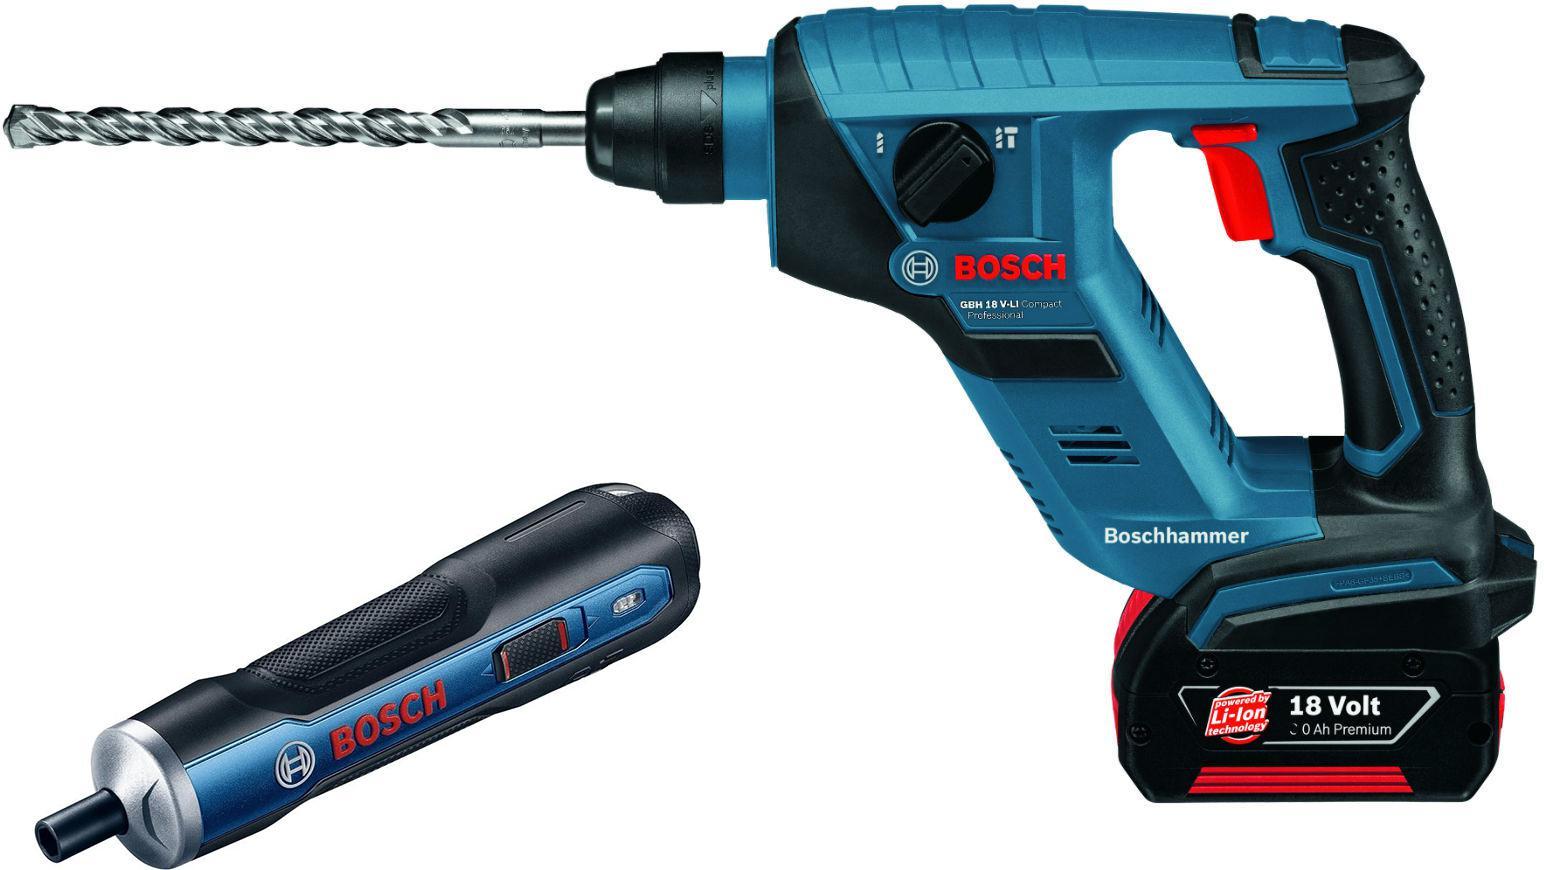 Набор Bosch Перфоратор 611905300 gbh 18 v-li compact (0.611.905.300) +Отвертка аккумуляторная go solo (0.601.9h2.020)